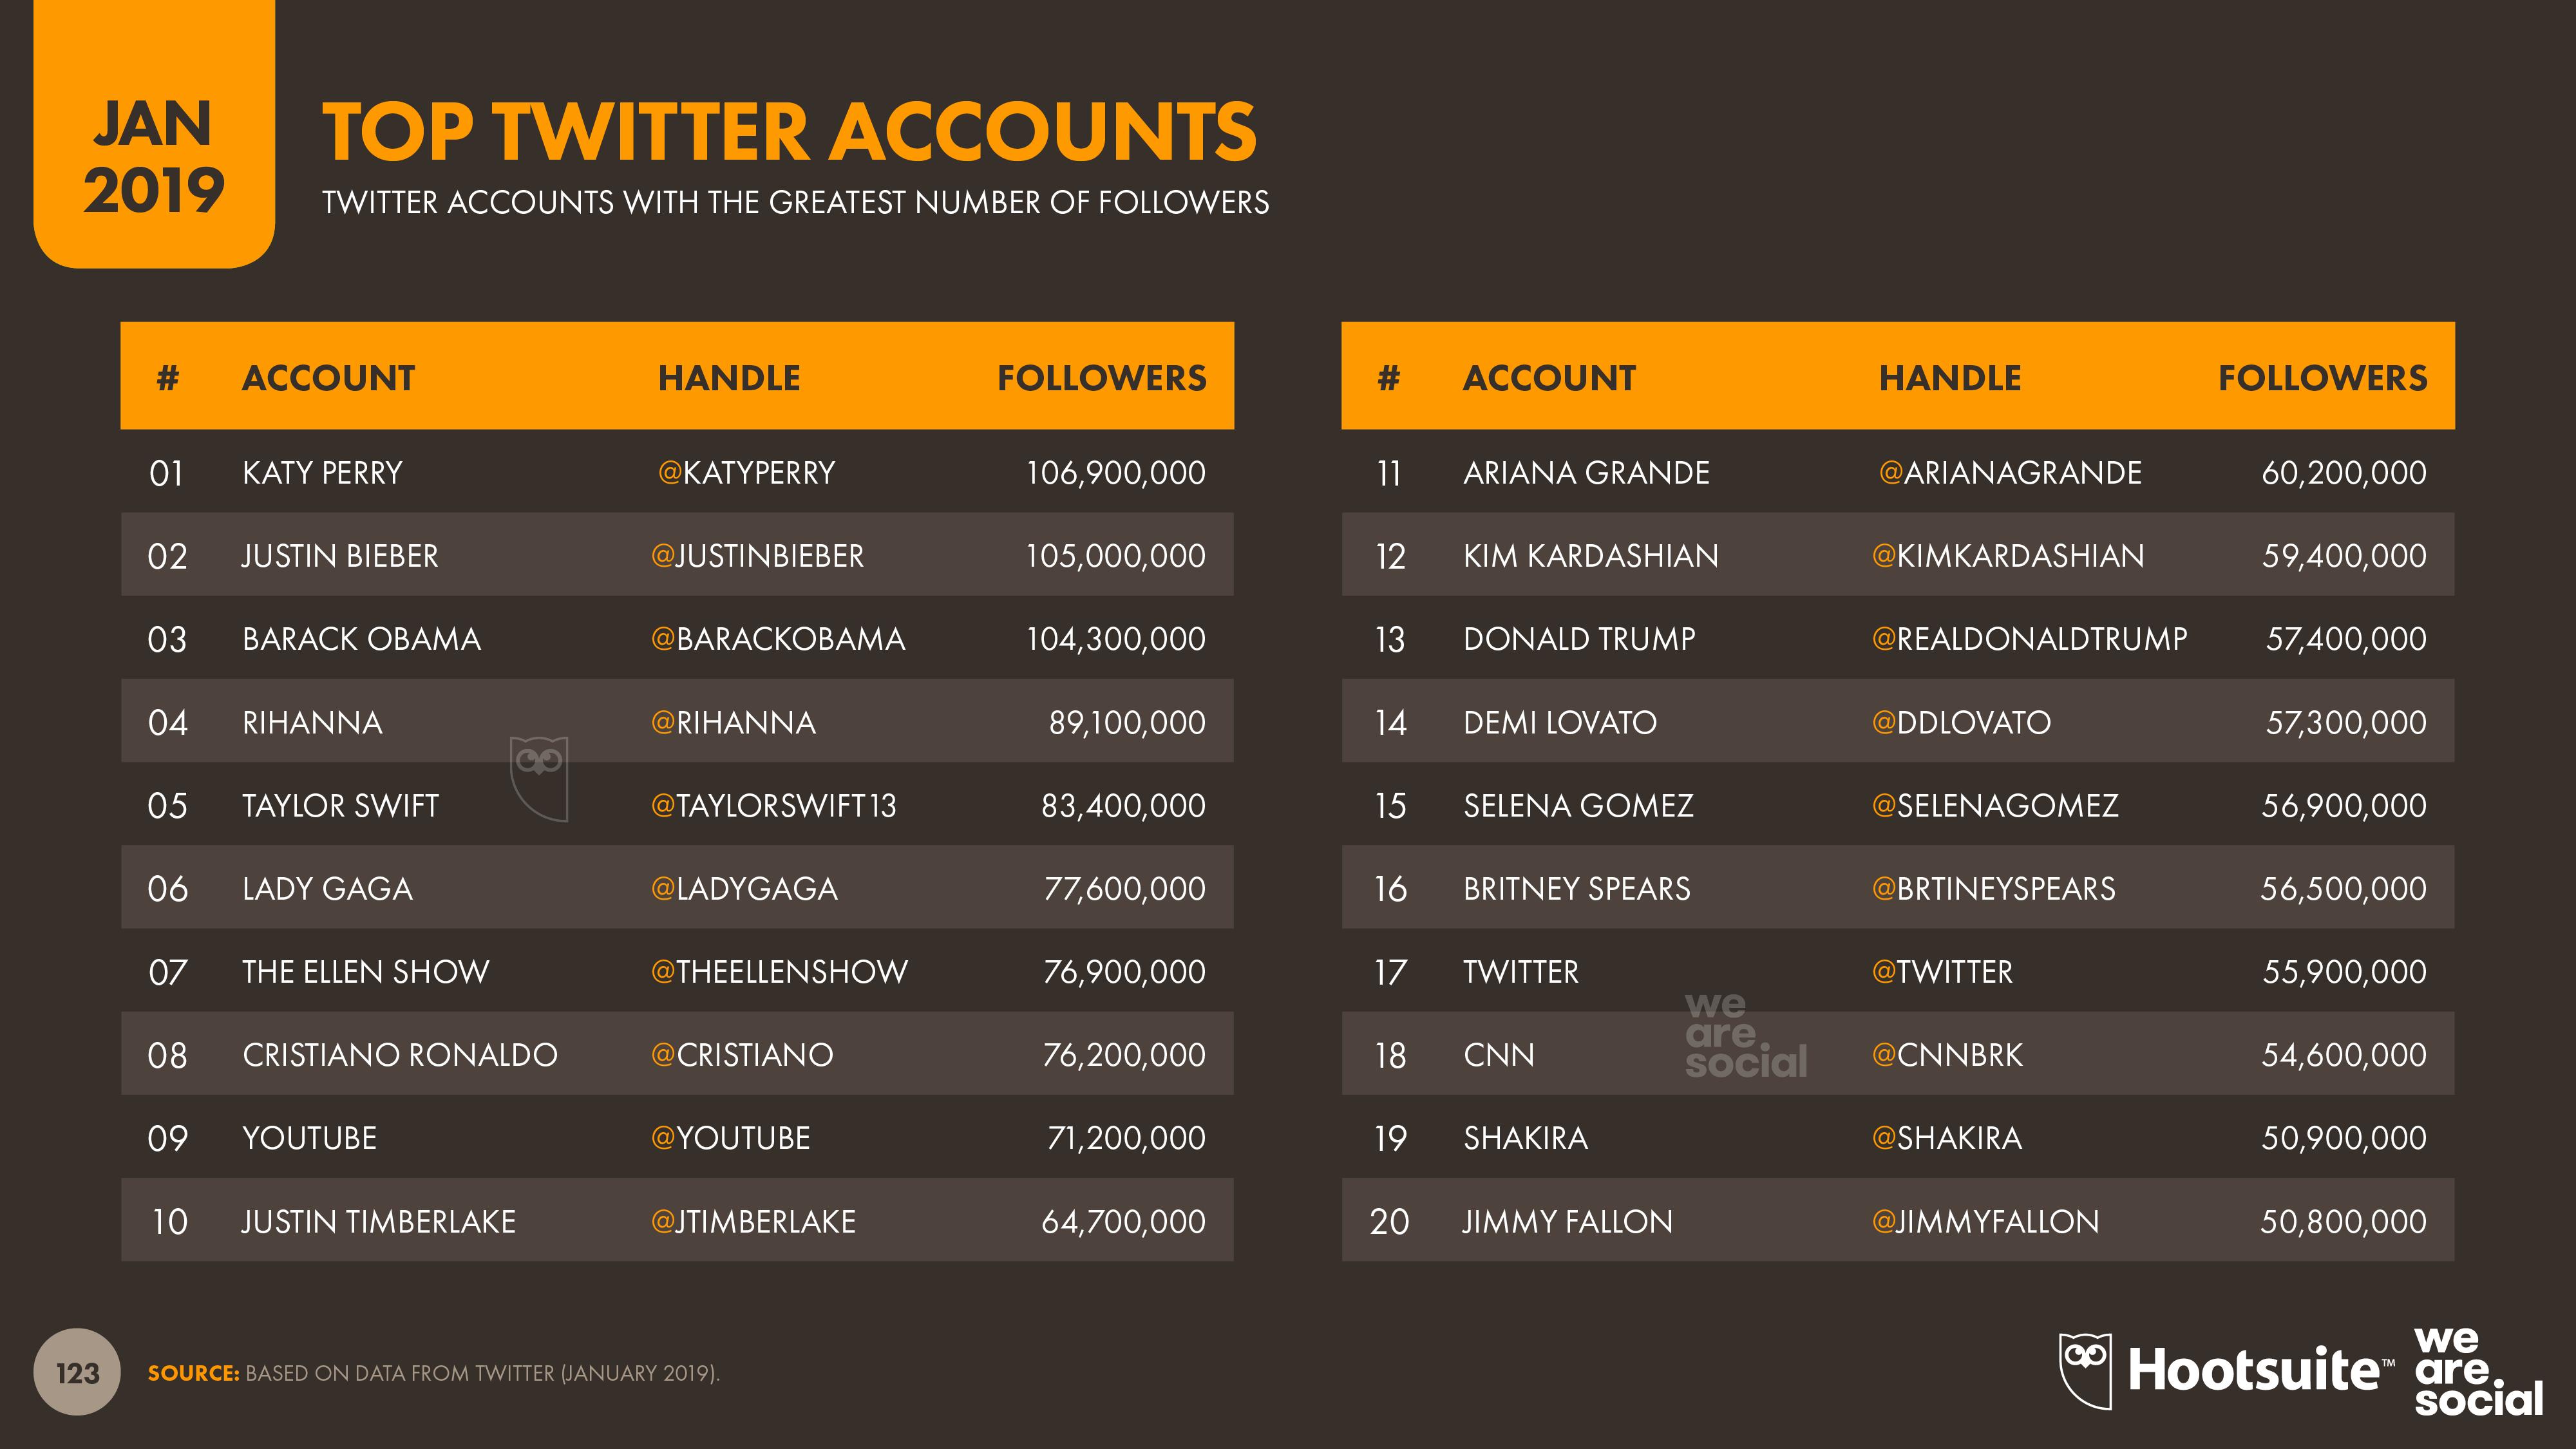 Digital 2019 Global Overview Images v01 - Slide 123 Twitter Top Accounts